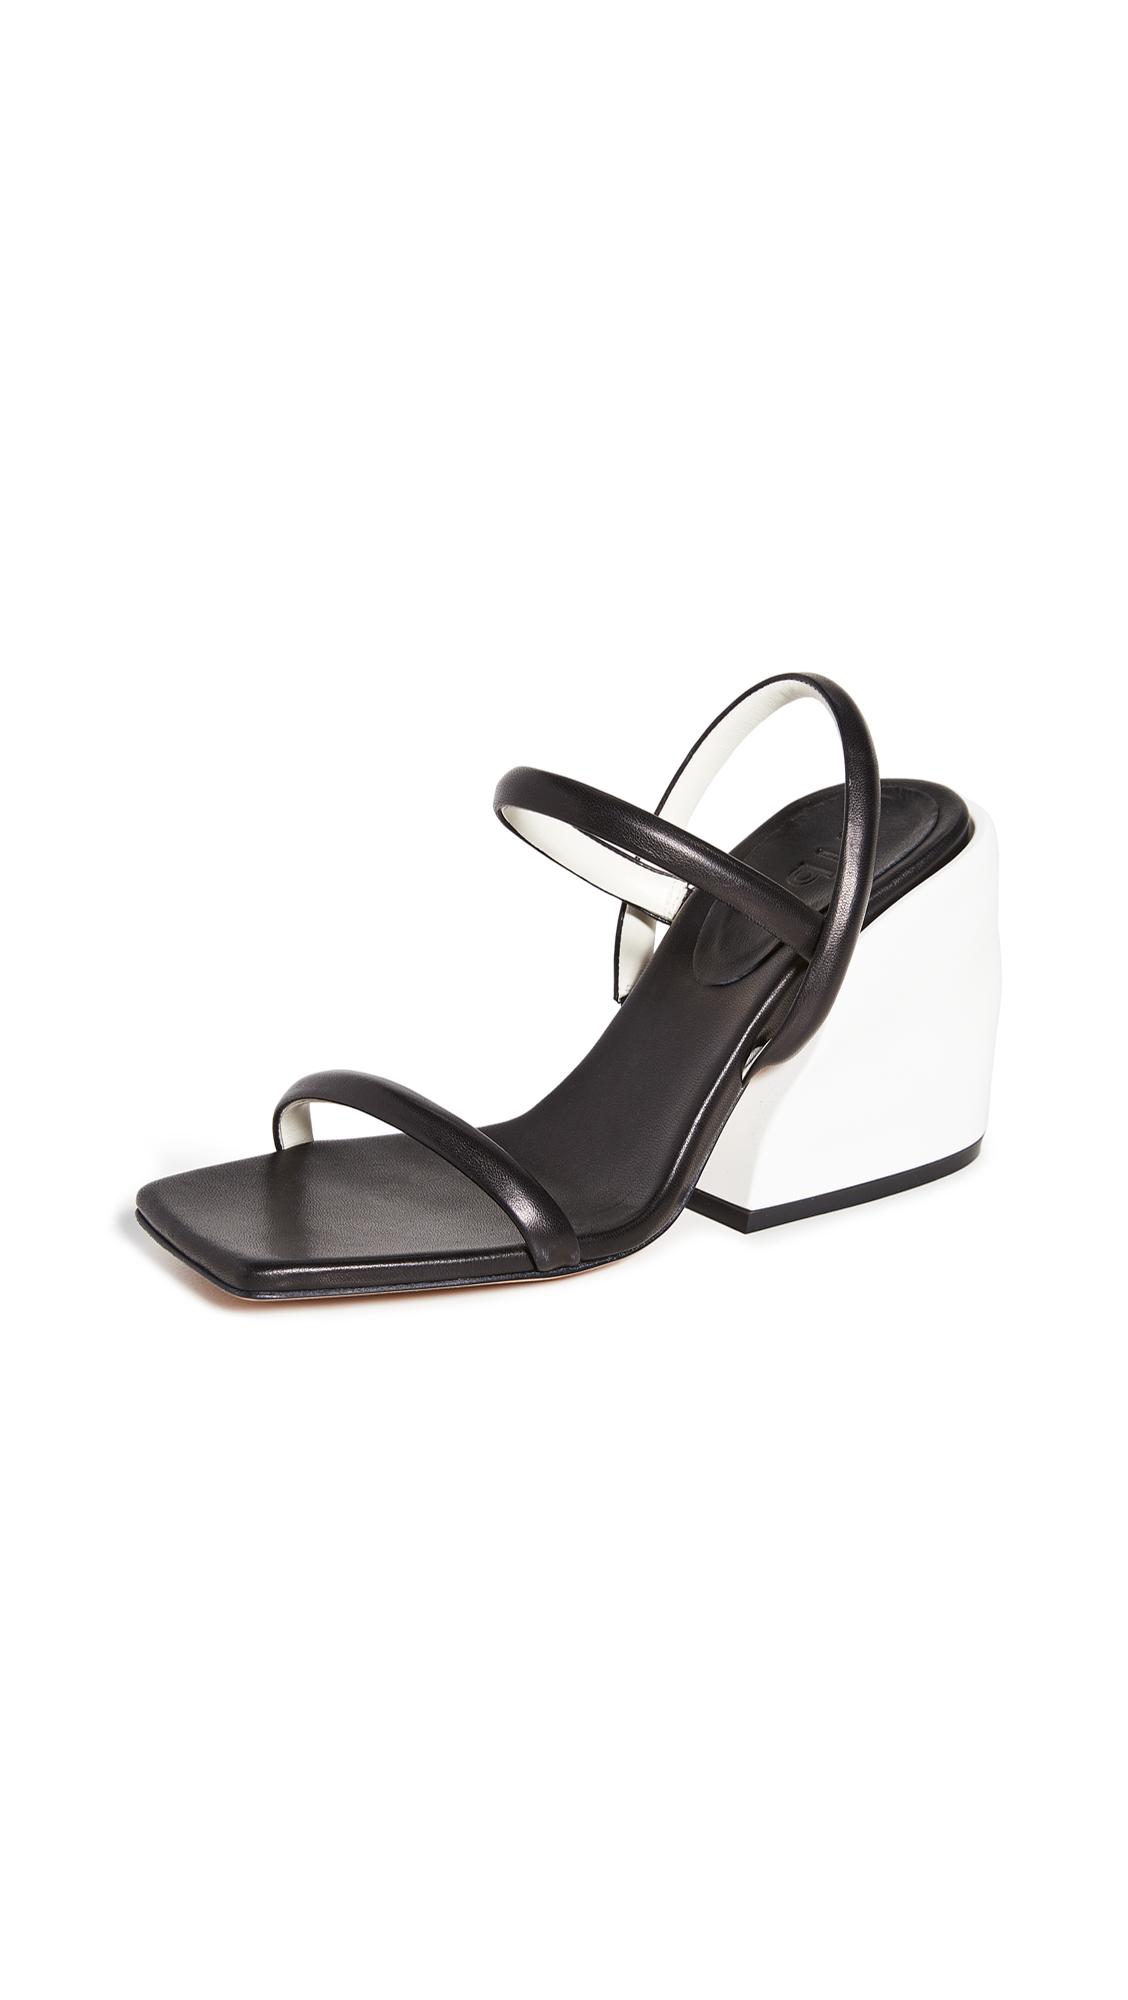 Tibi Miko Sandals